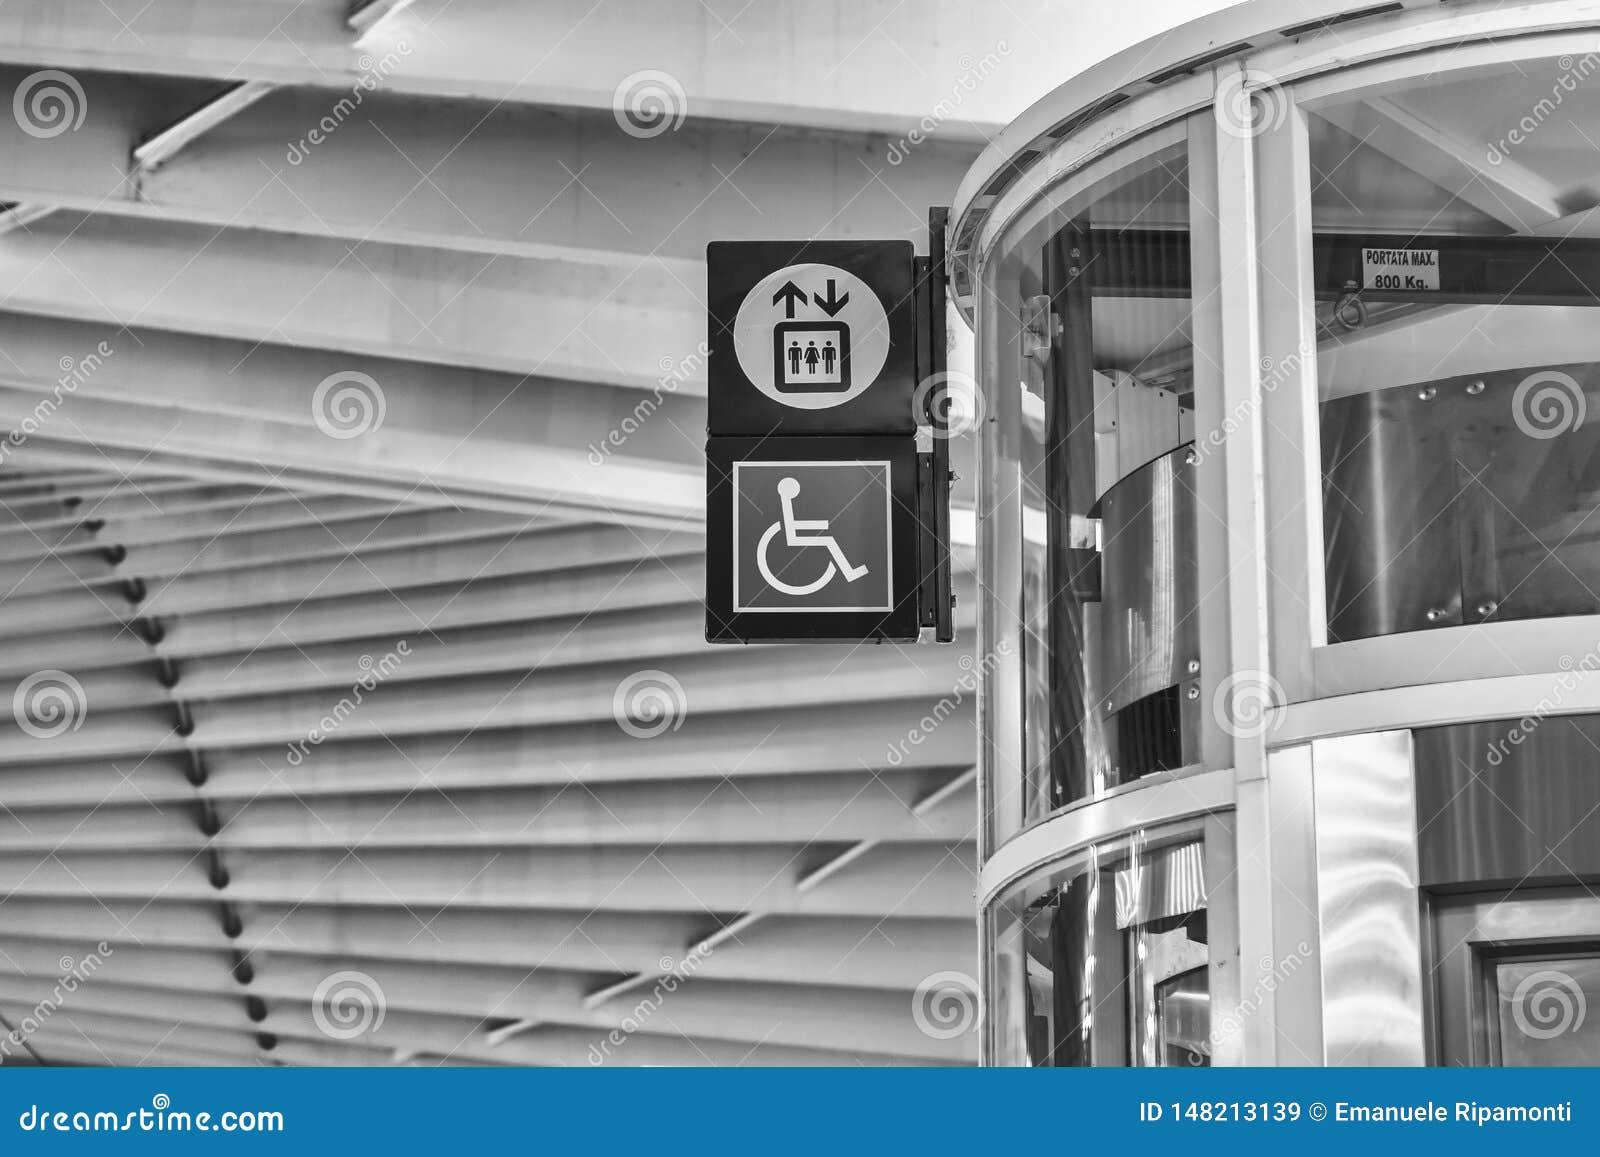 Stazione Reggio nell Emilia, segnale del treno ad alta velocità per disabile